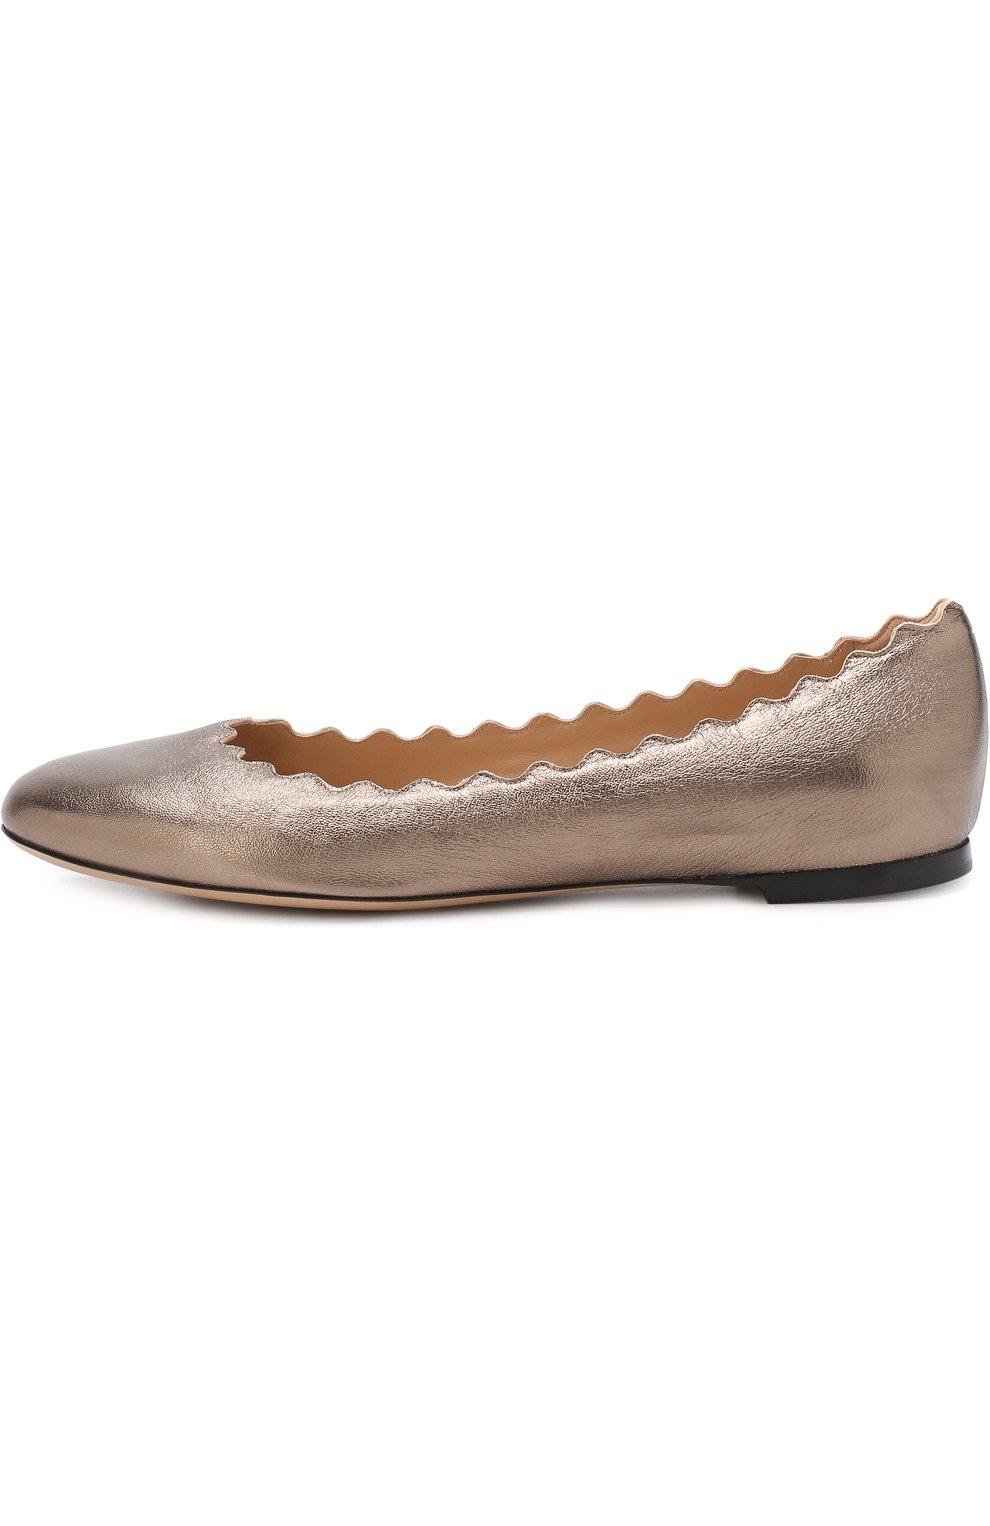 Женские балетки lauren из металлизированной кожи  CHLOÉ серебряного цвета, арт. CHC16U16070 | Фото 3